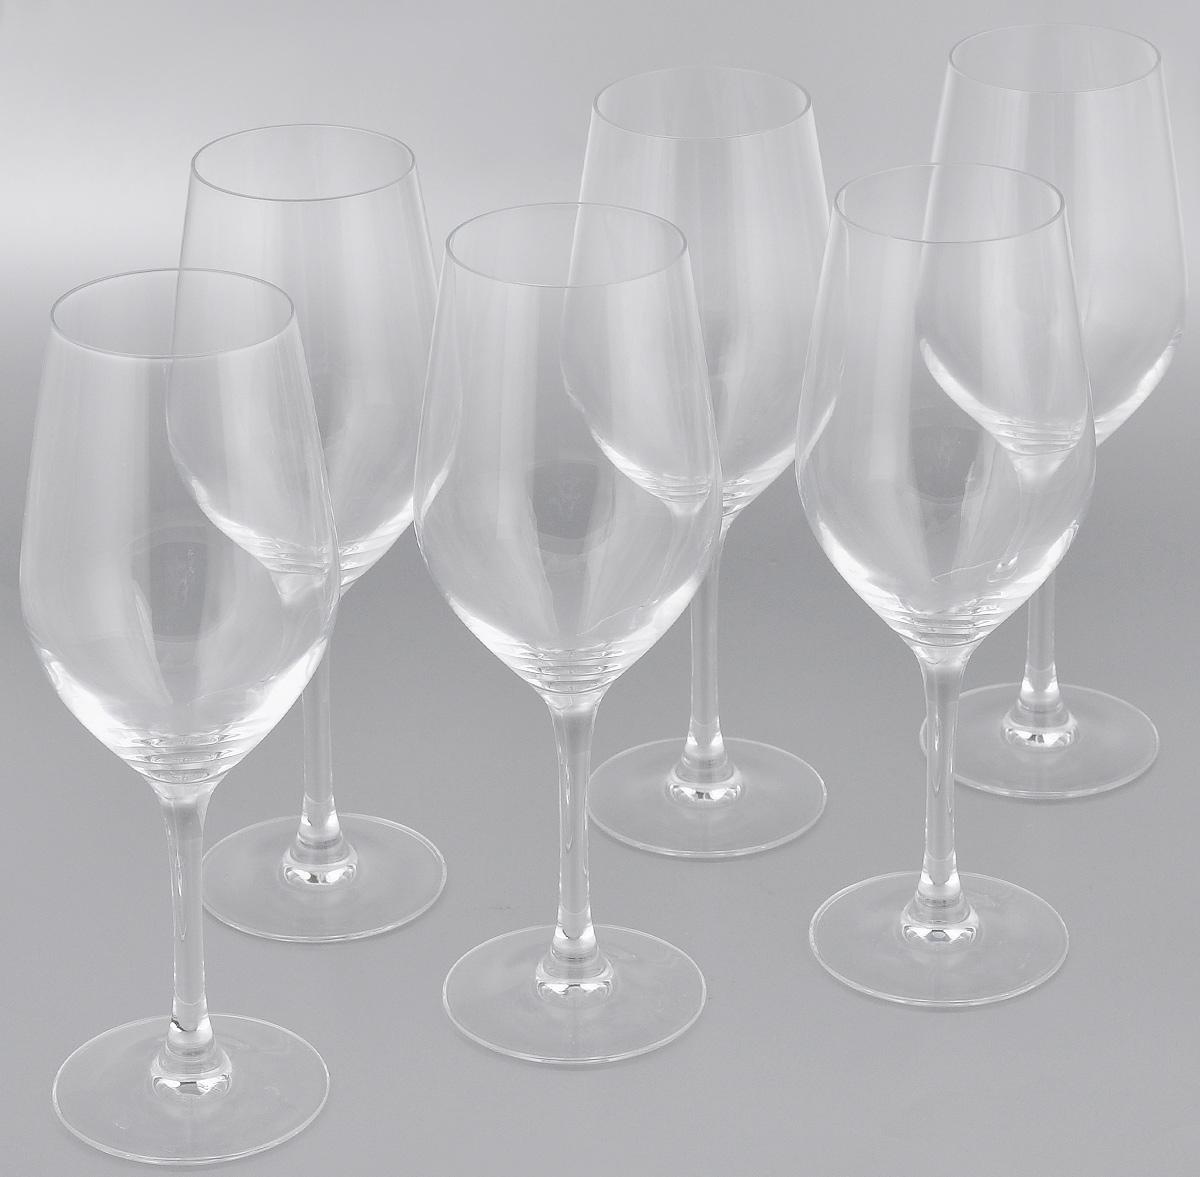 Набор фужеров для вина Luminarc Hermitage, 450 мл, 6 штH2599Набор Luminarc Hermitage состоит из шести фужеров, выполненных из прочного стекла. Изделия оснащены высокими ножками. Фужеры предназначены для подачи вина. Они сочетают в себе элегантный дизайн и функциональность. Благодаря такому набору пить напитки будет еще вкуснее.Набор фужеров Luminarc Hermitage прекрасно оформит праздничный стол и создаст приятную атмосферу за романтическим ужином. Такой набор также станет хорошим подарком к любому случаю. Диаметр фужера (по верхнему краю): 6,2 см. Высота фужера: 23,6 см.